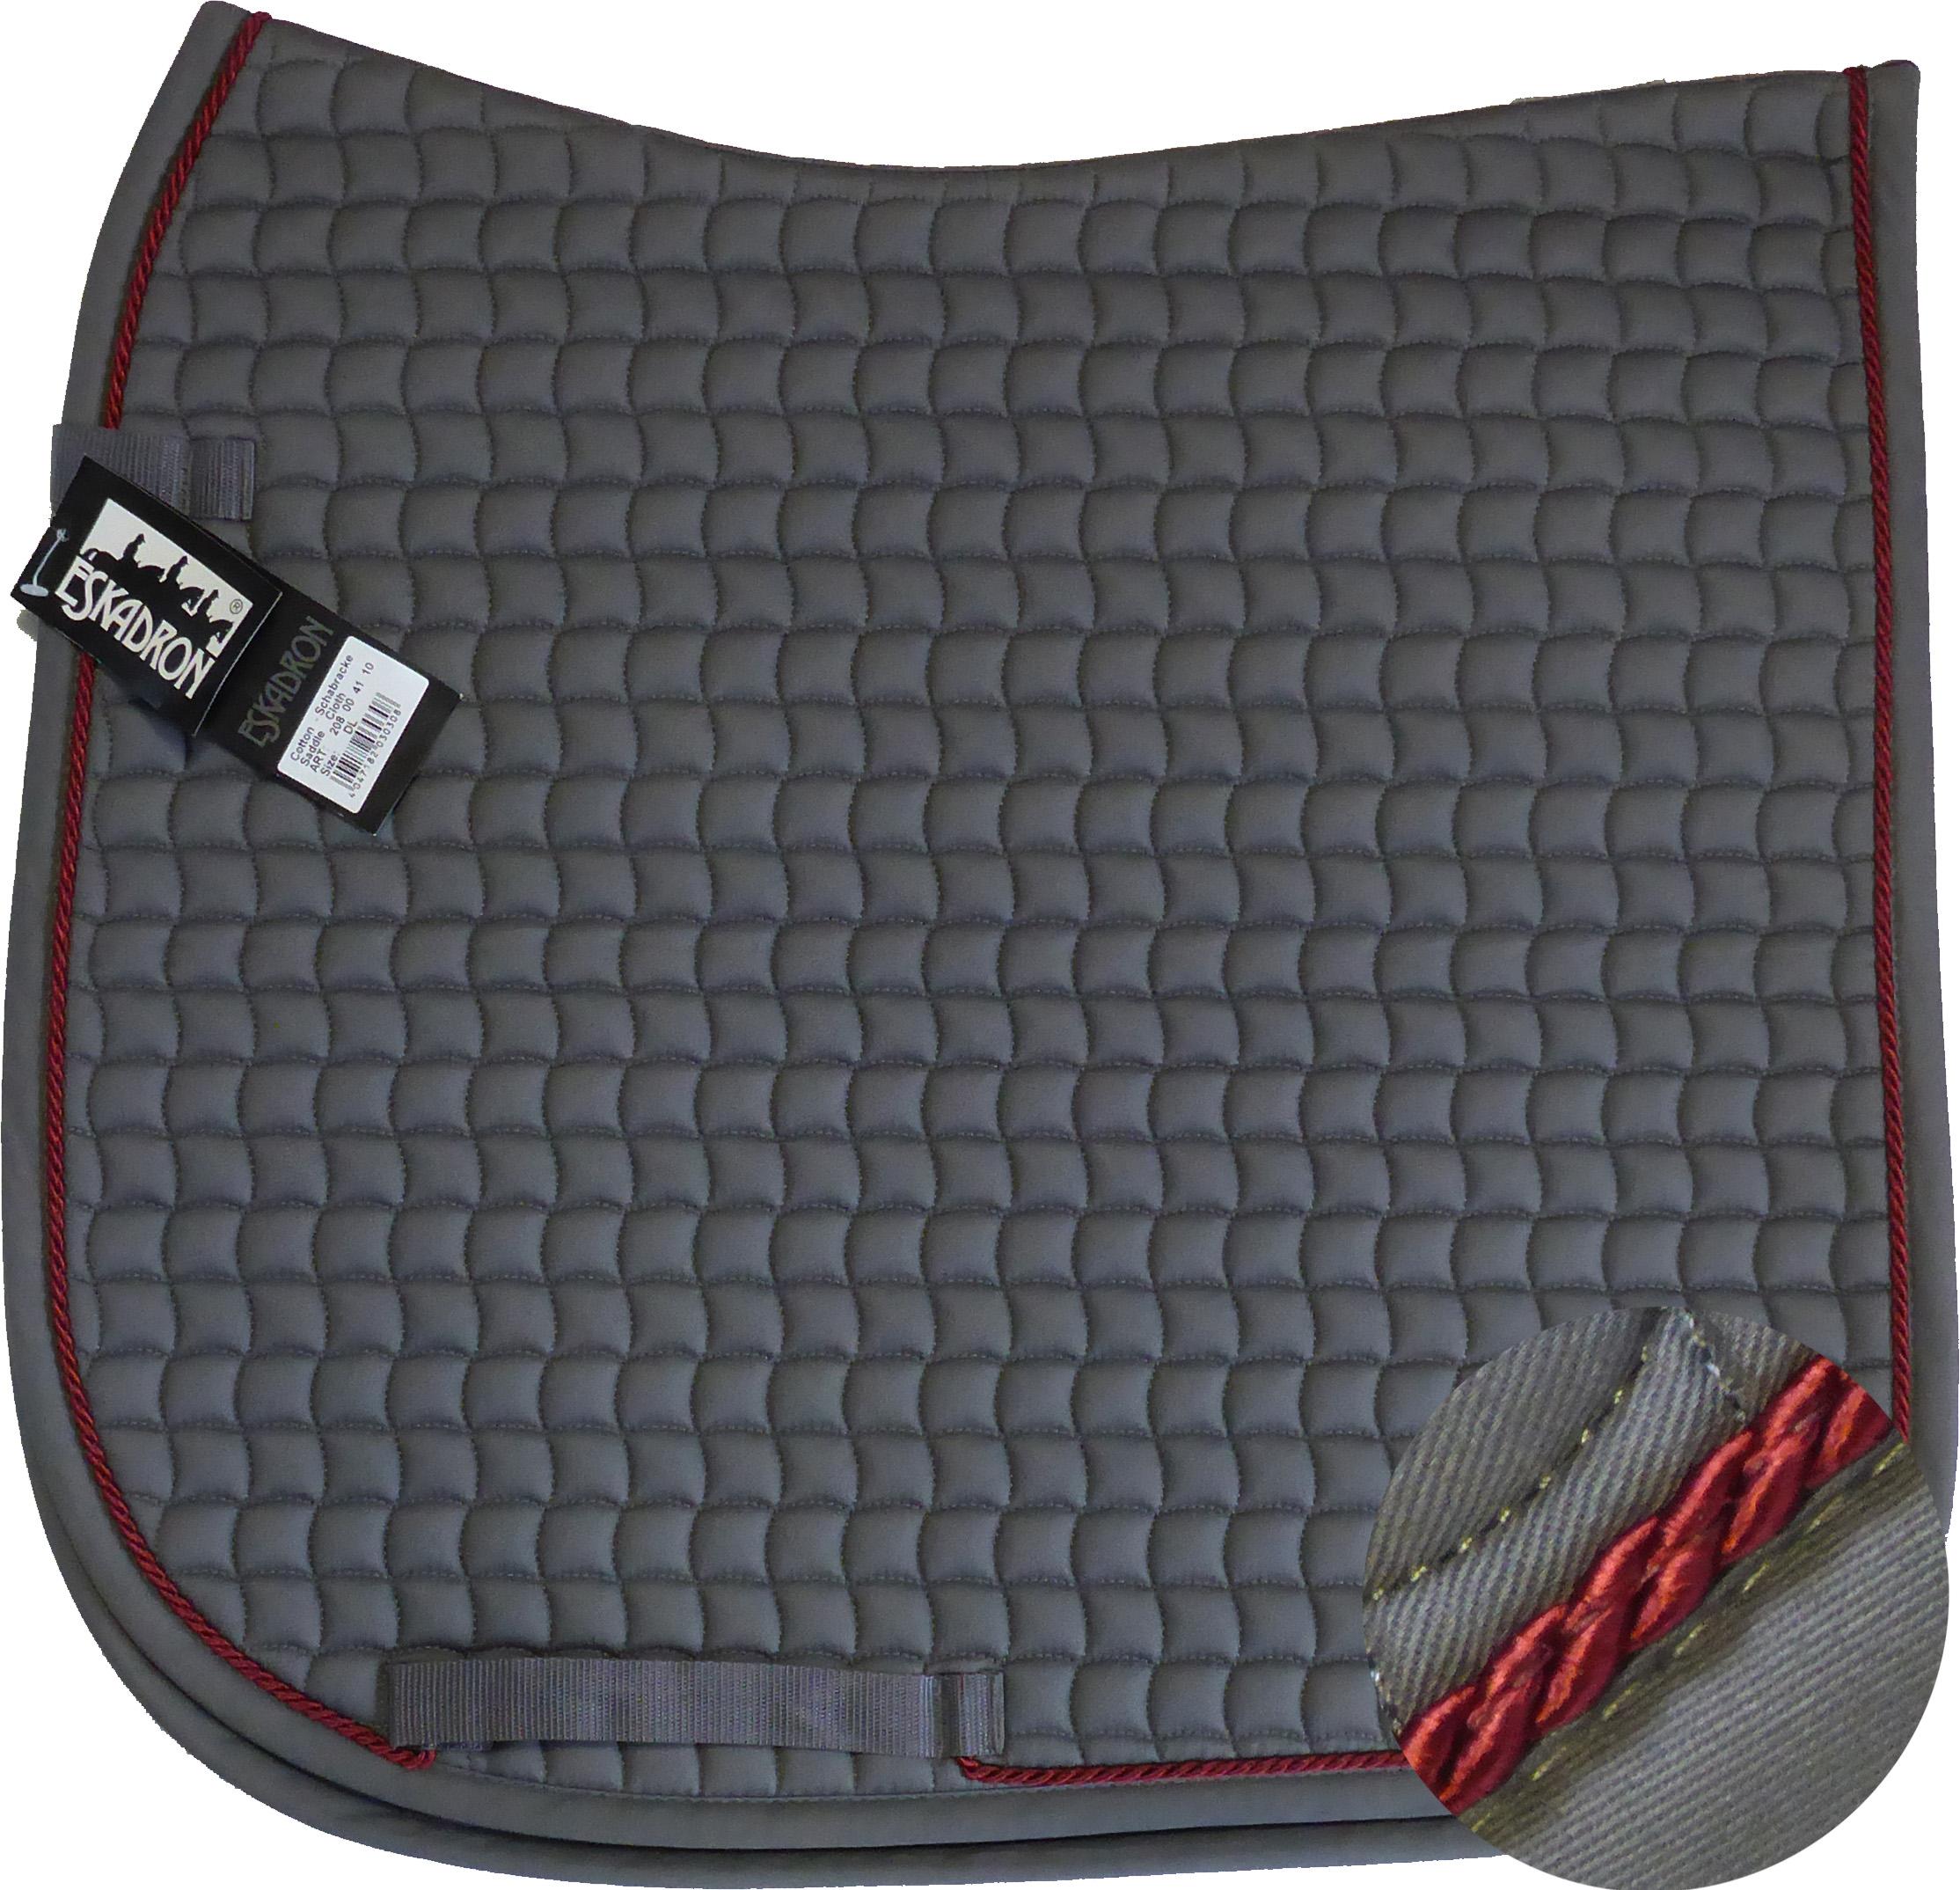 ESKADRON Cotton Schabracke grey, einer Kordel in dark red